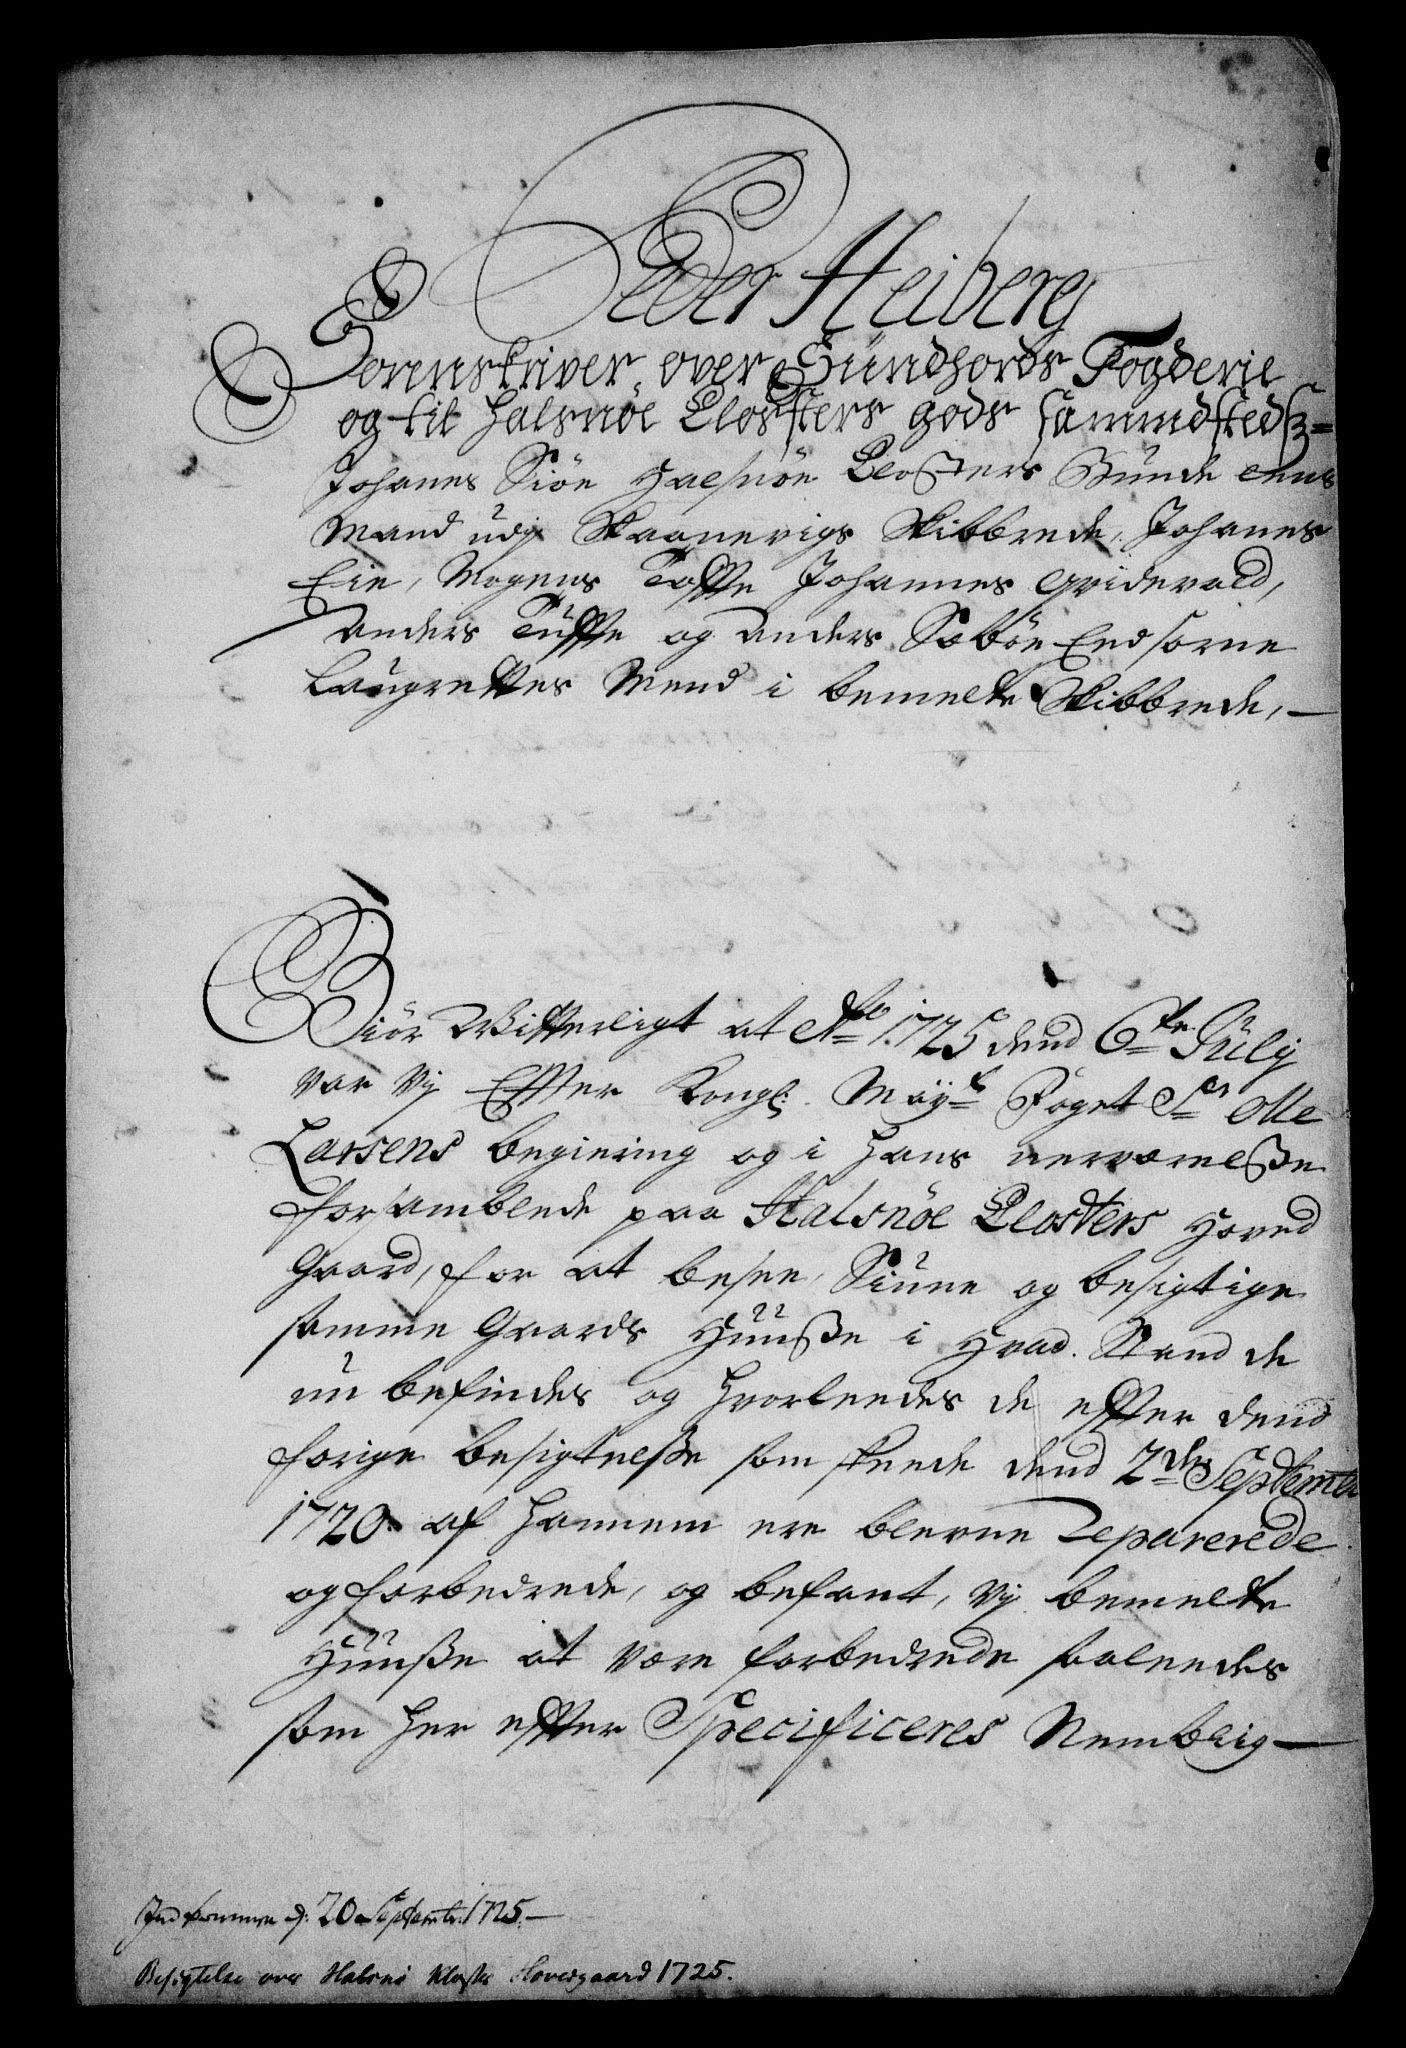 RA, Rentekammeret inntil 1814, Realistisk ordnet avdeling, On/L0003: [Jj 4]: Kommisjonsforretning over Vilhelm Hanssøns forpaktning av Halsnøy klosters gods, 1721-1729, s. 129